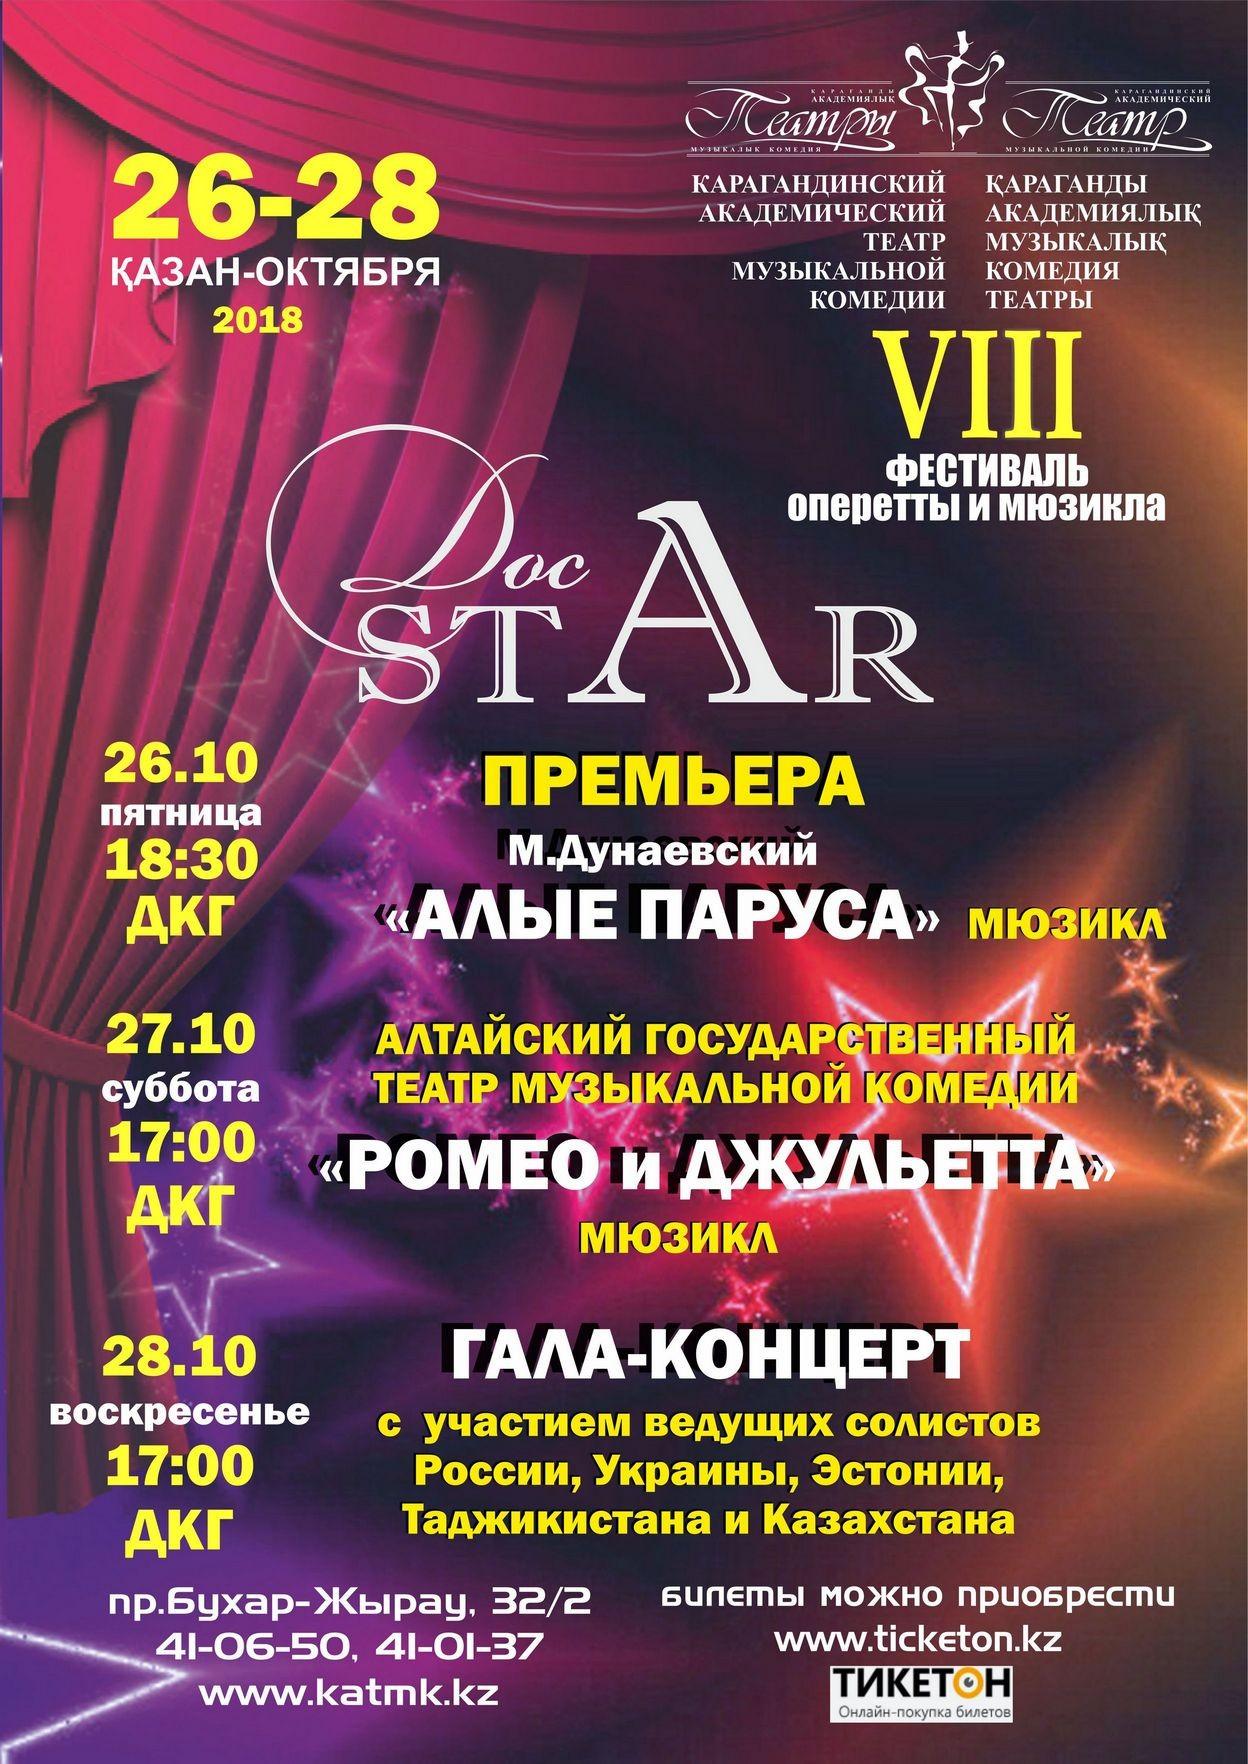 Фестиваль оперетты и мюзикла.Гала-концерт. (КАТМК)